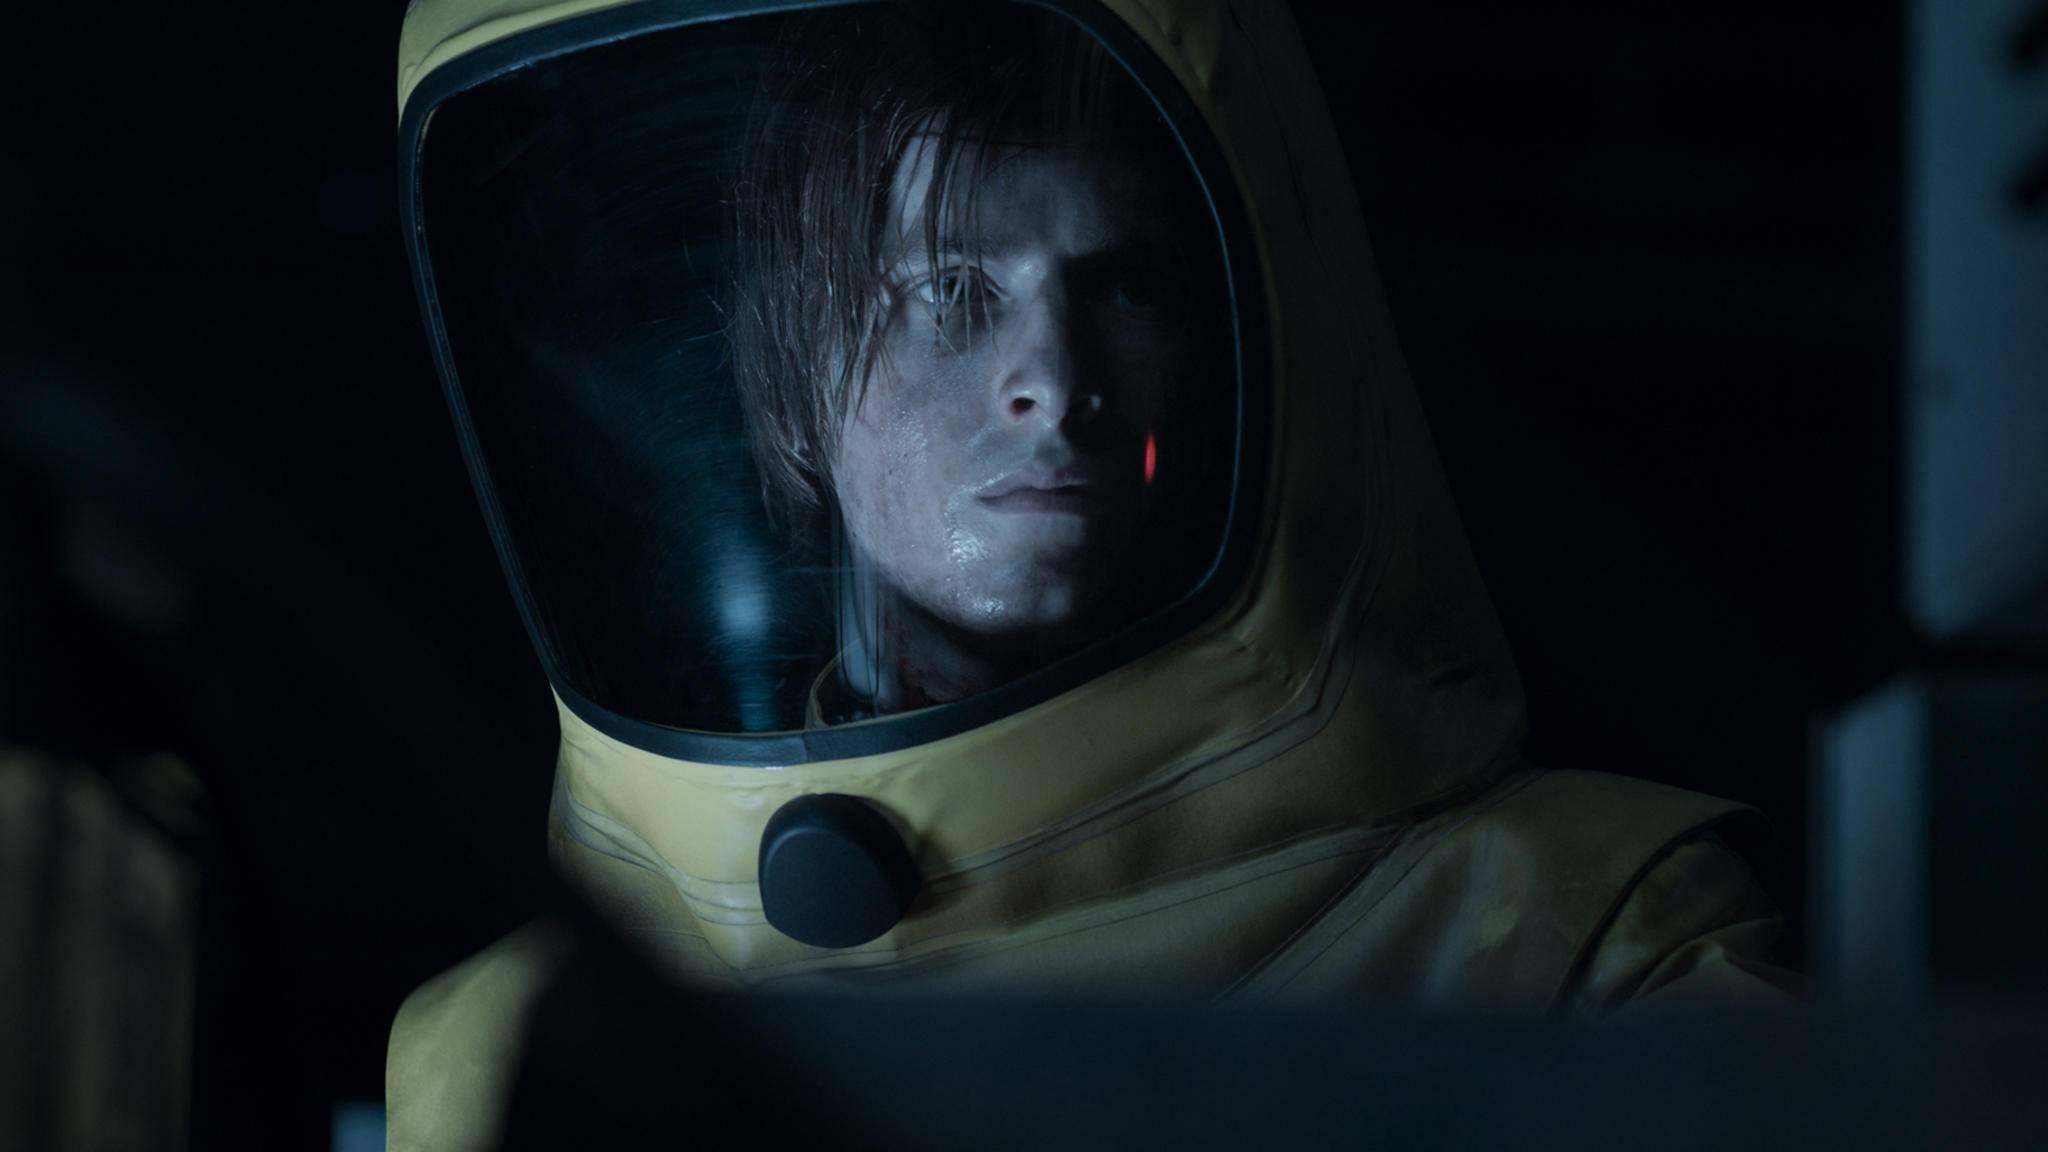 Jonas strandet in Staffel 2 in der Apokalypse.